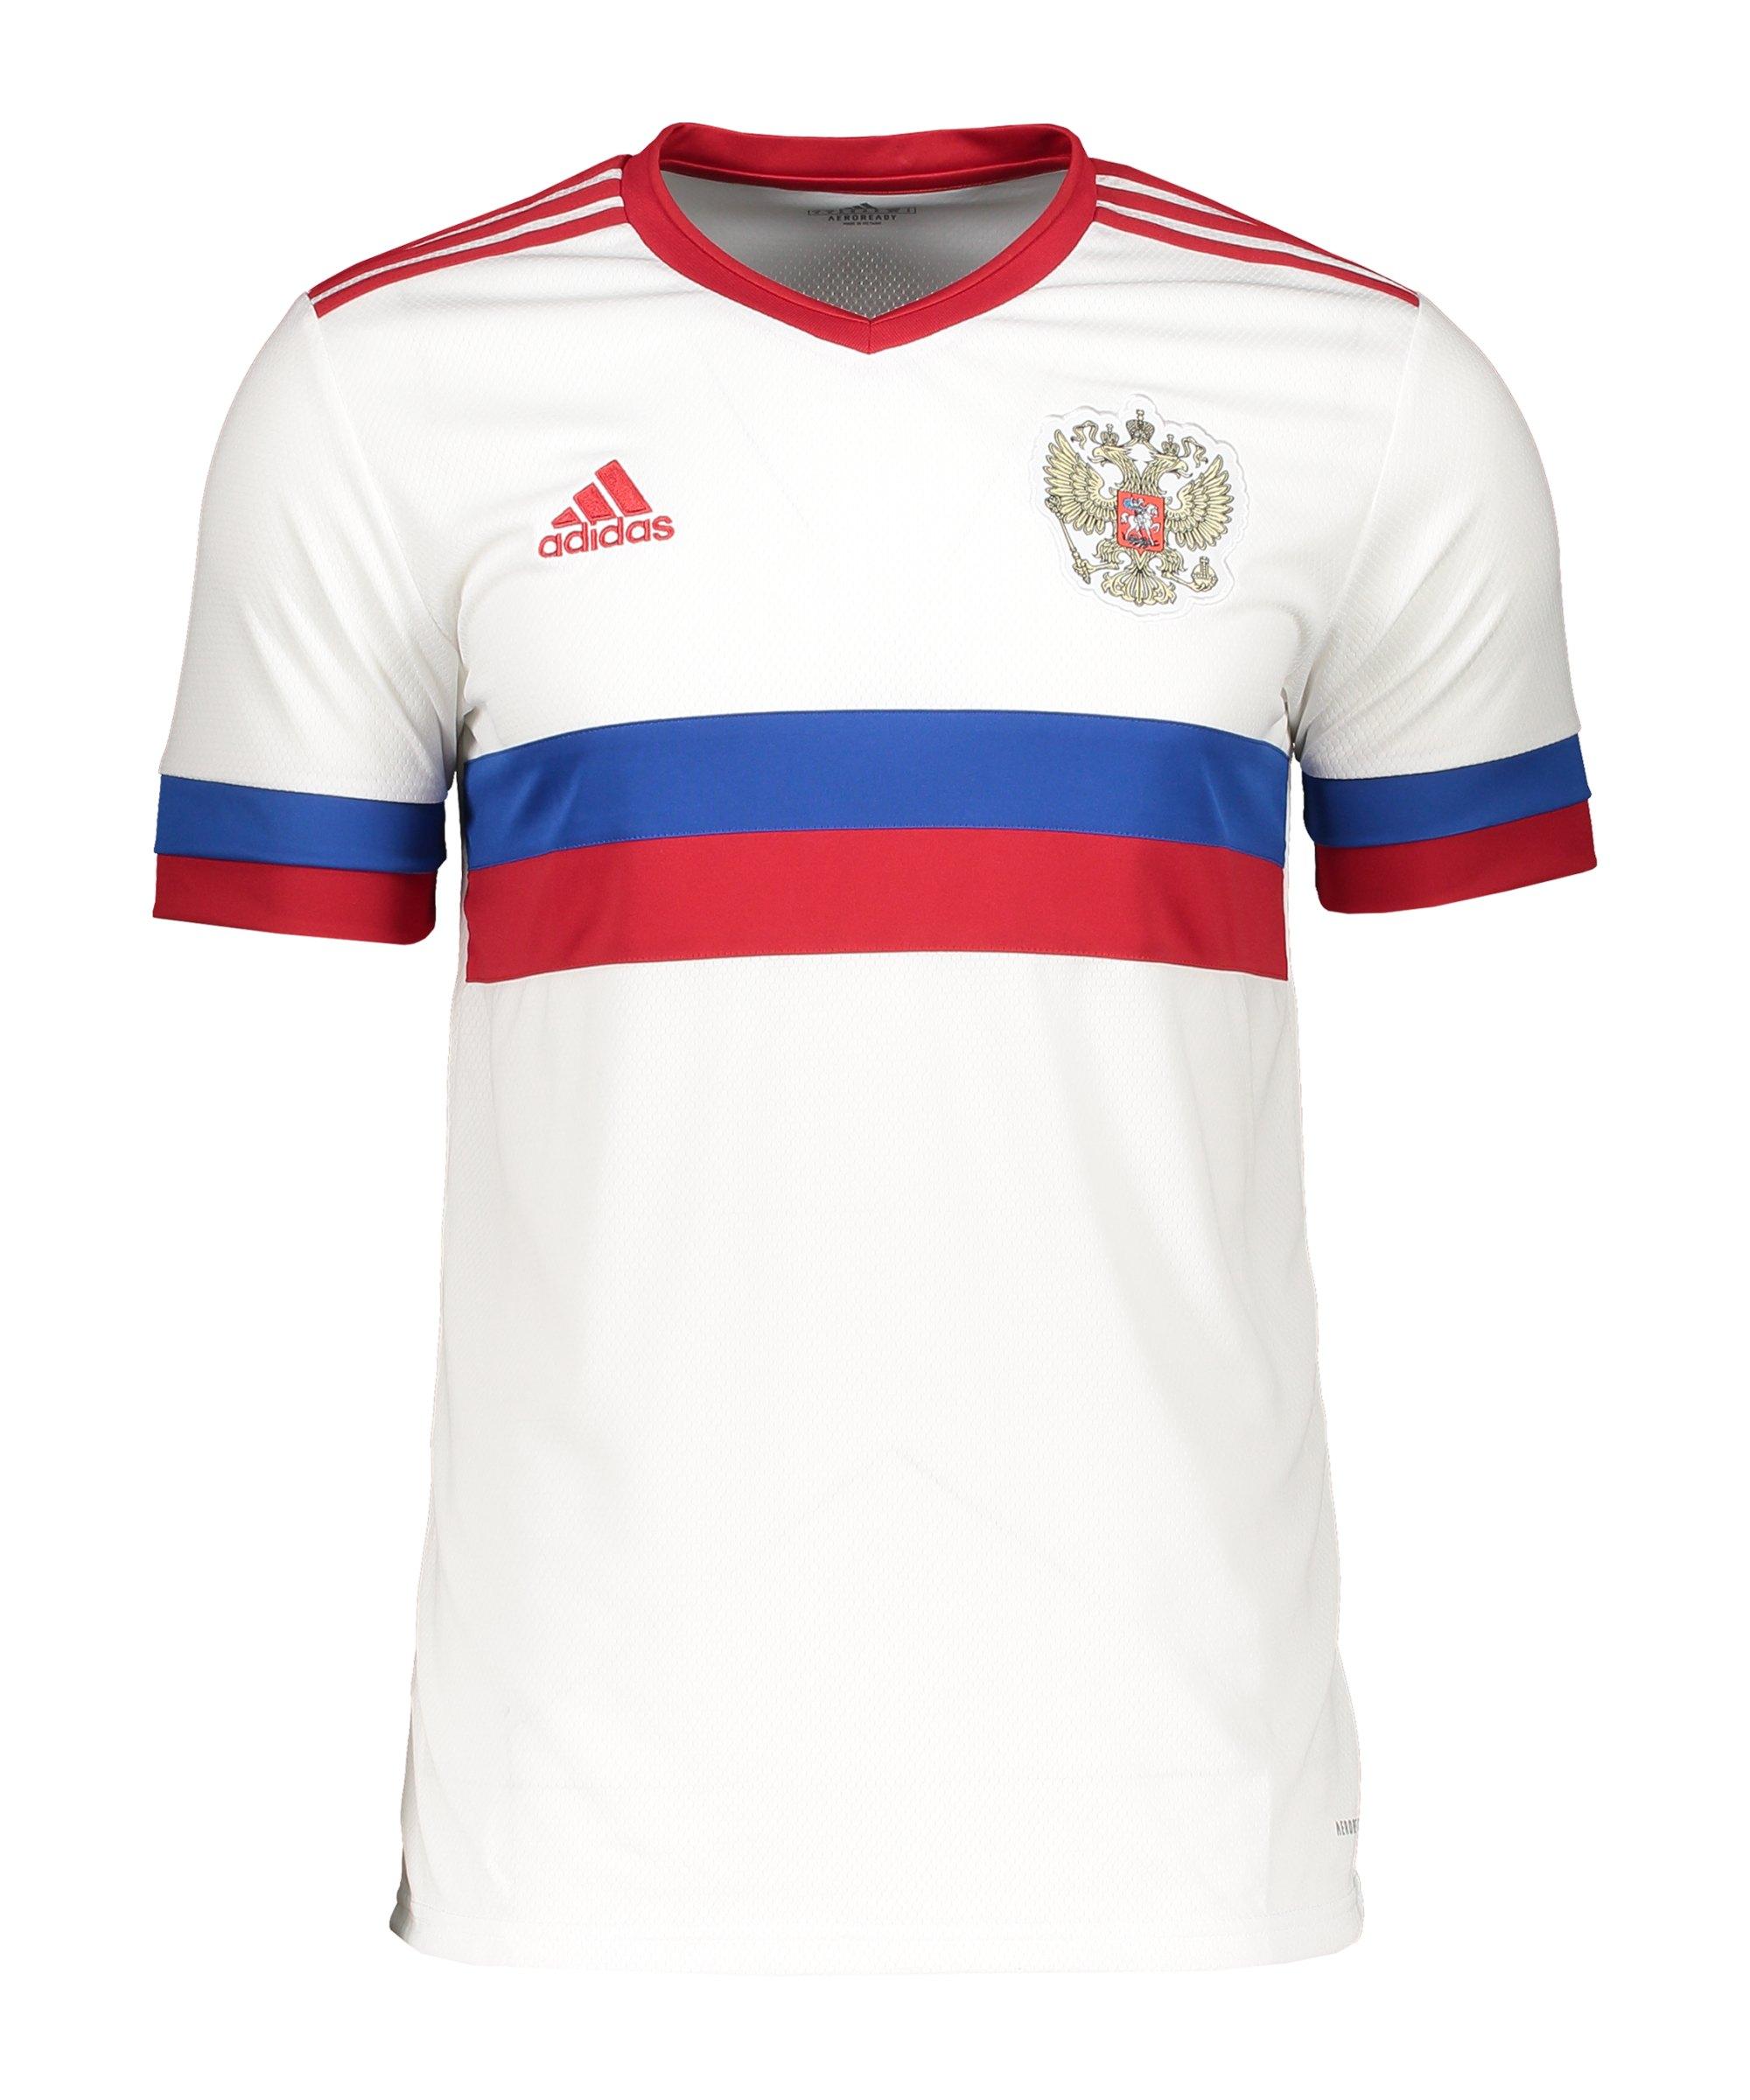 adidas Russland Trikot Away EM 2020 Weiss Rot - weiss